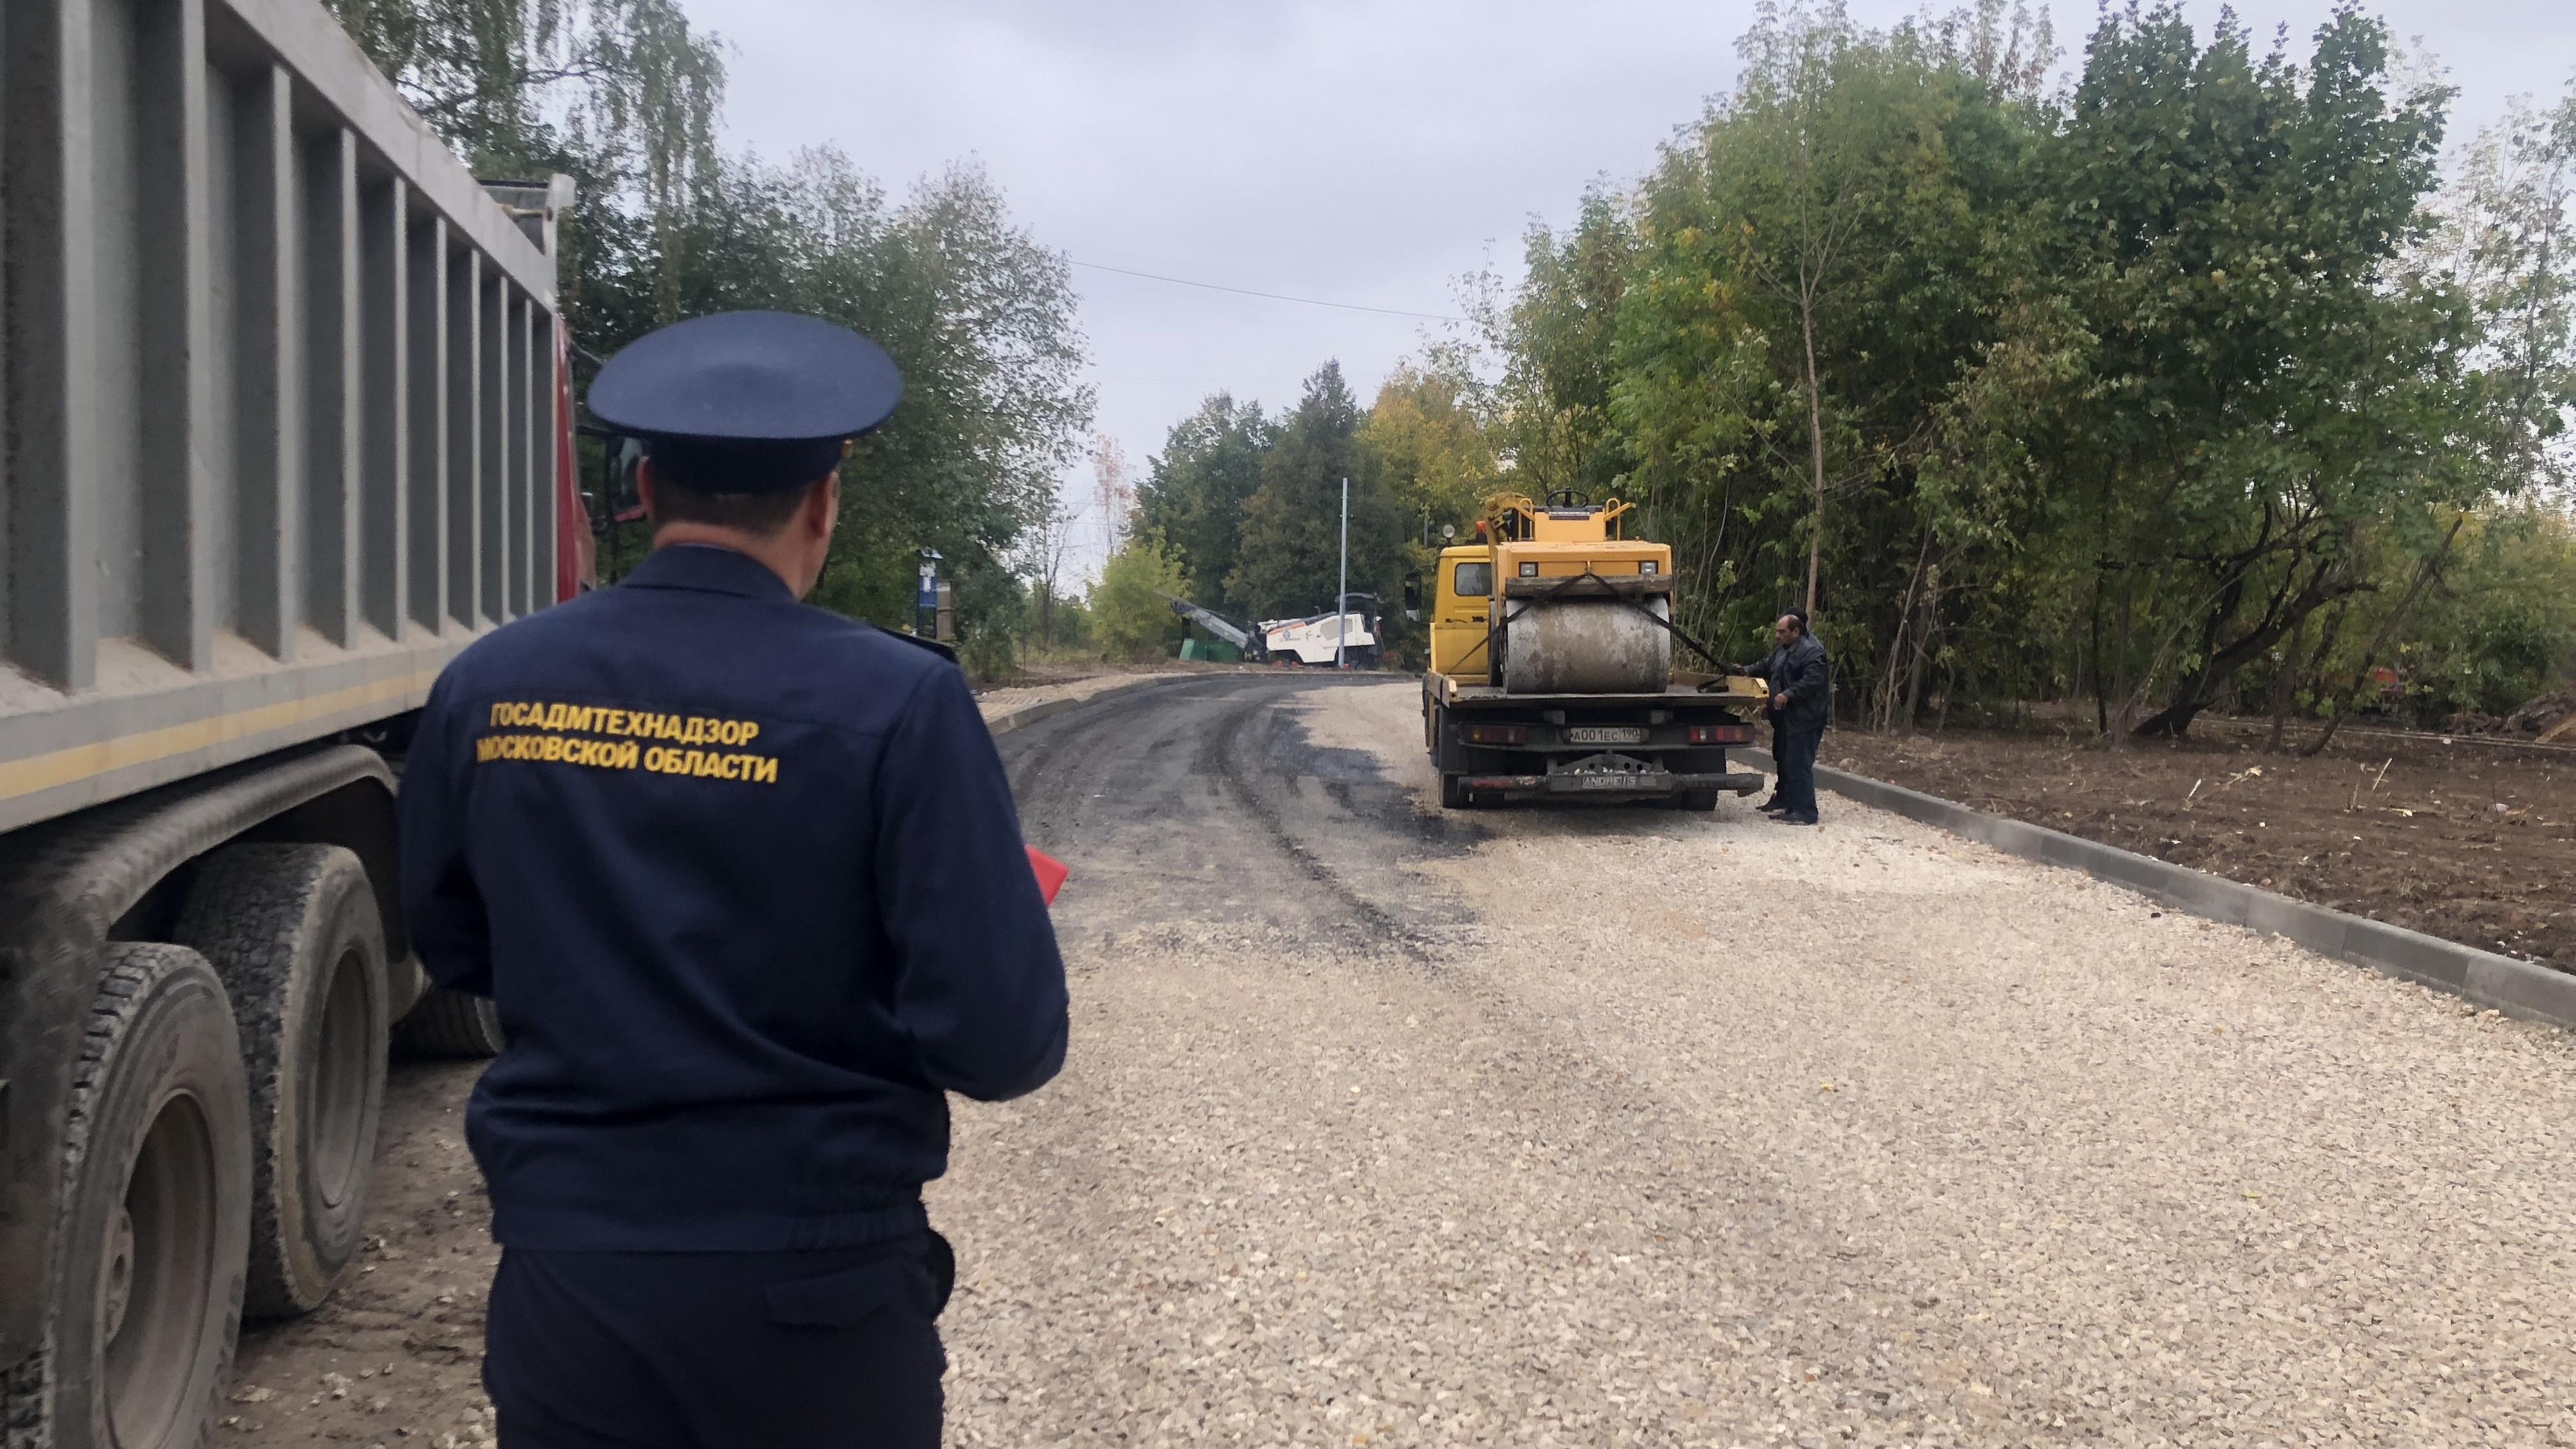 Более 1,2 тыс. объектов вдоль вылетных магистралей привели в порядок в Подмосковье